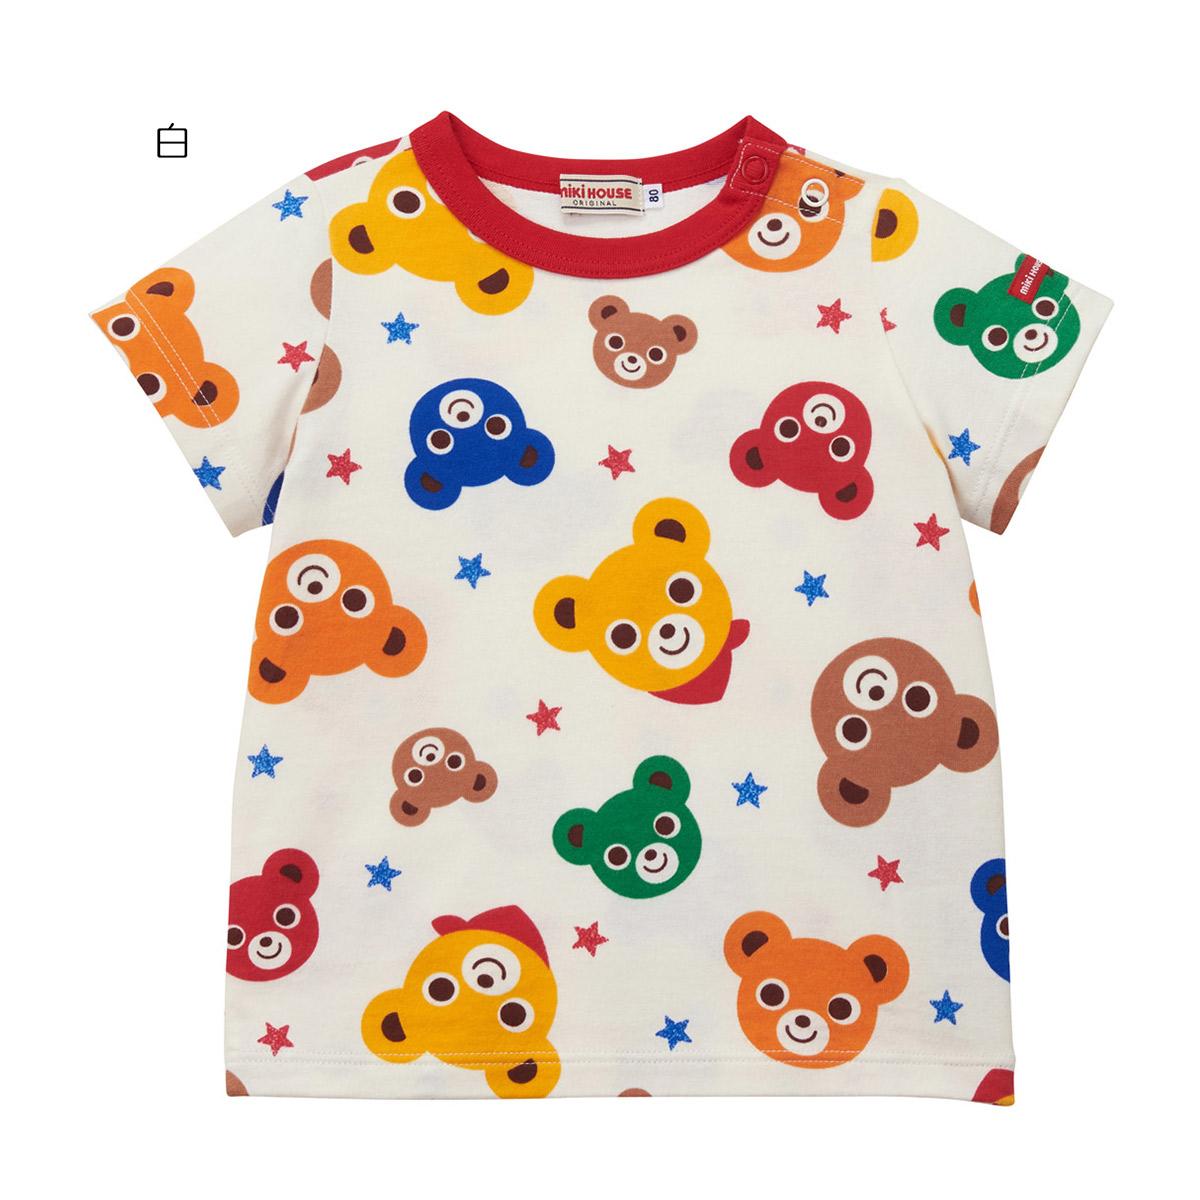 〇 ミキハウス Tシャツ5200 クリアランスsale 期間限定 980円以上で送料無料 商い 3 国内